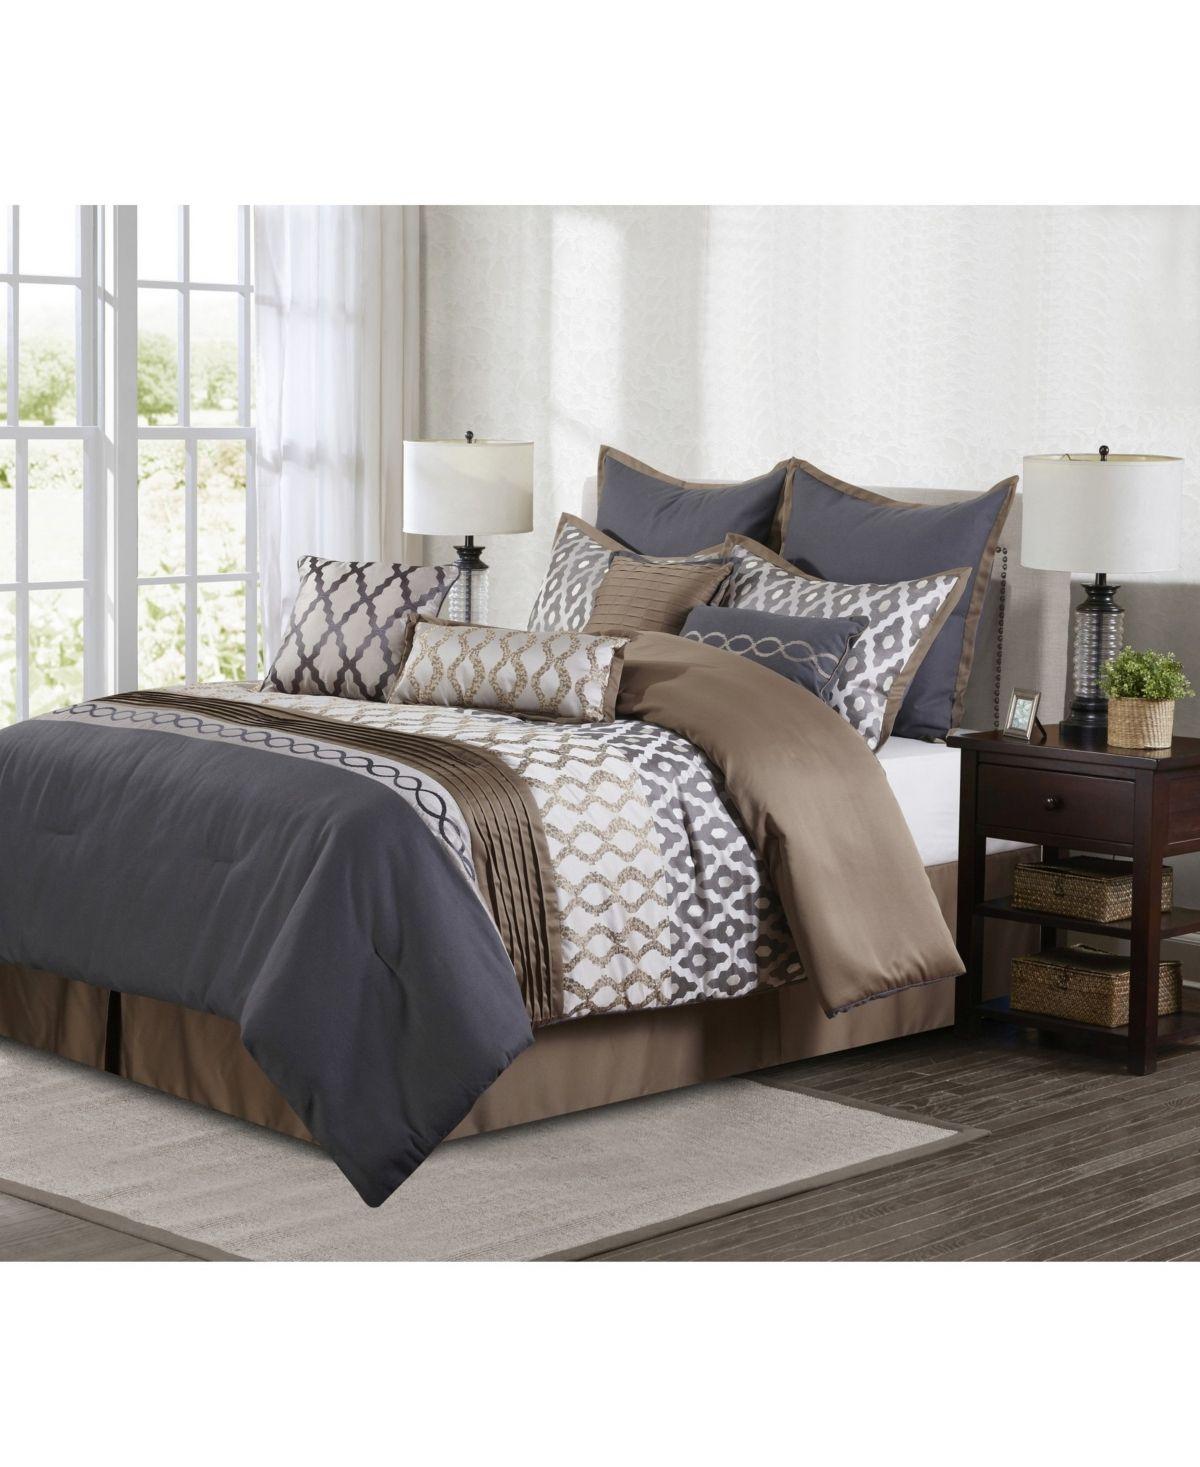 Caval 10 Piece Comforter Set Taupe Gray Queen Taupe Grey Parure De Lit Maison Lit